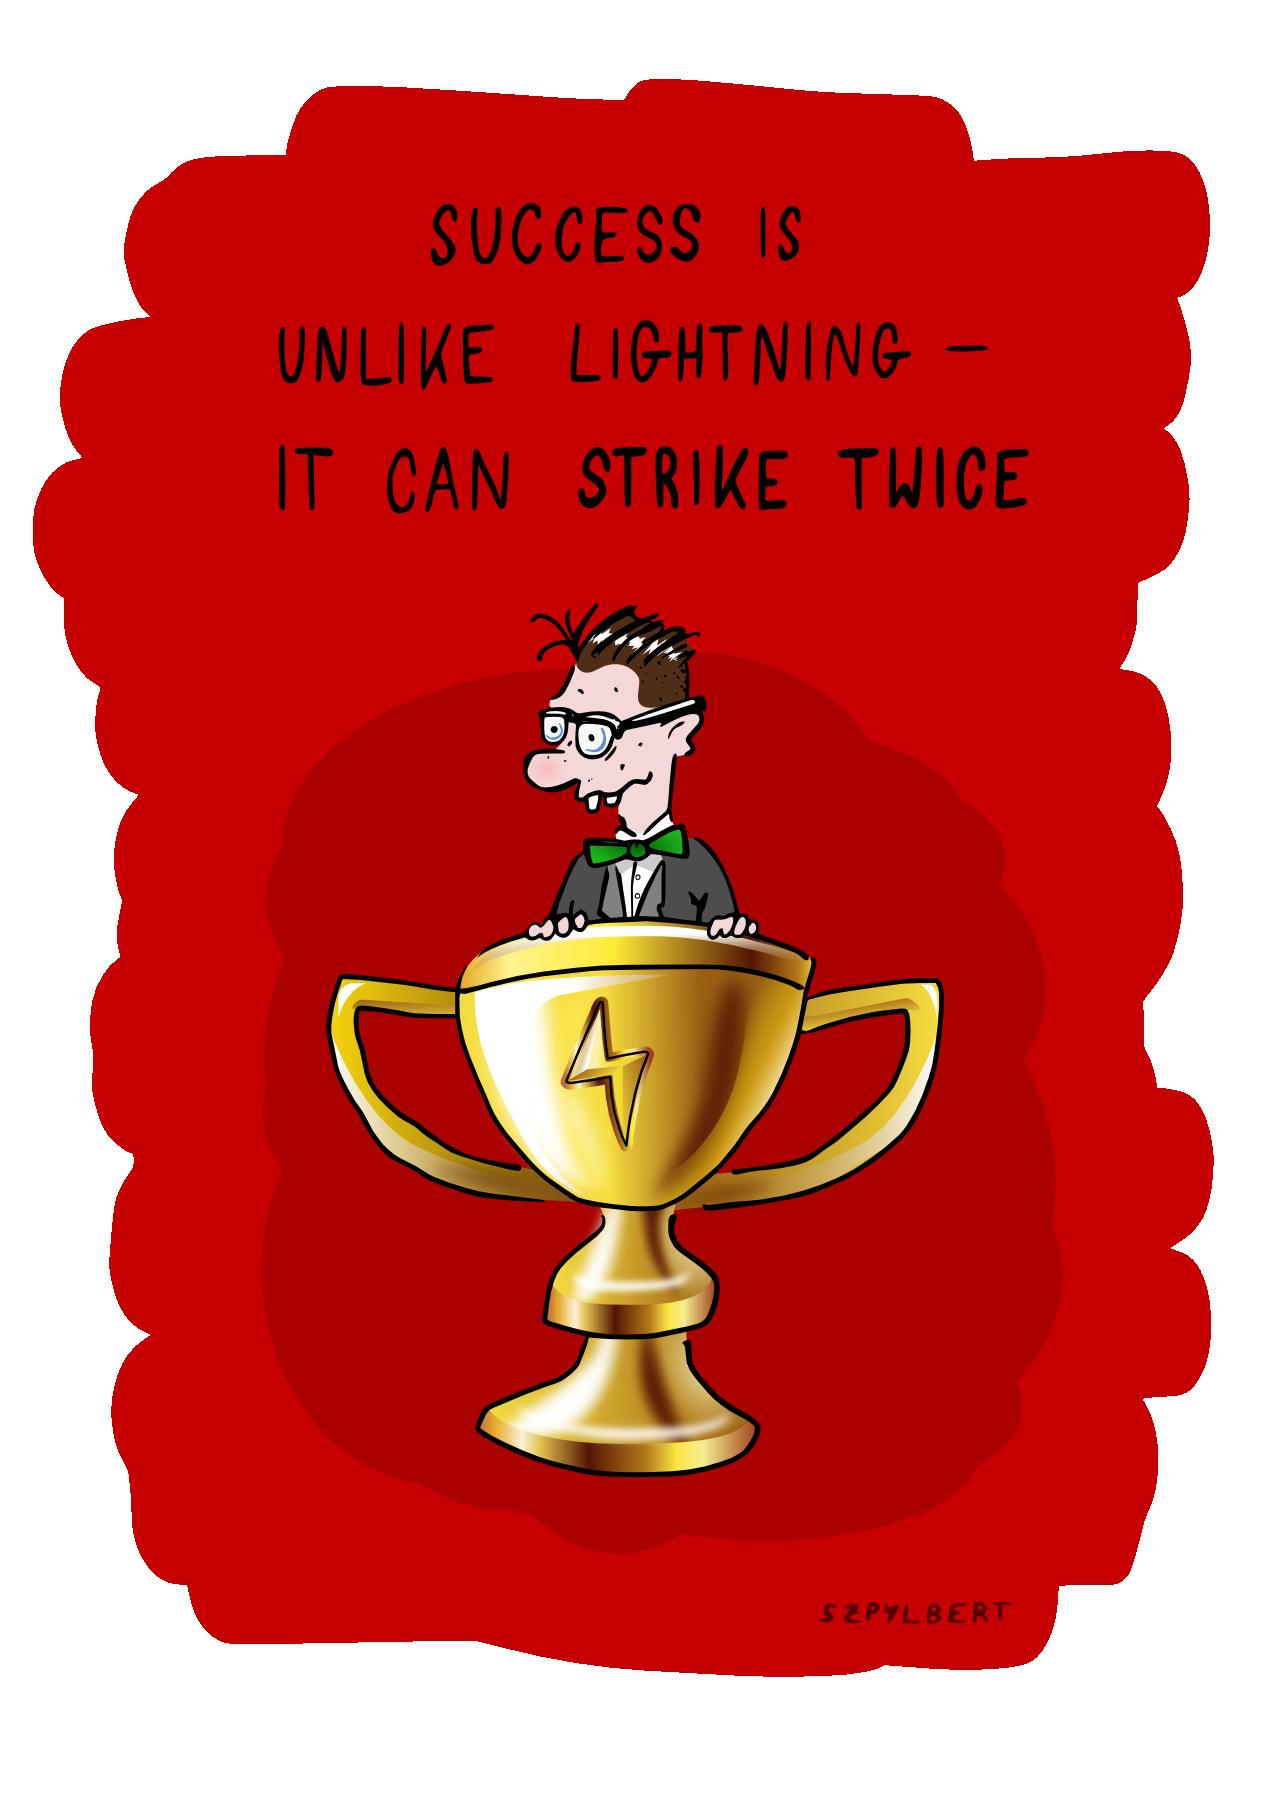 Szpylbert Cartoon about success striking twice